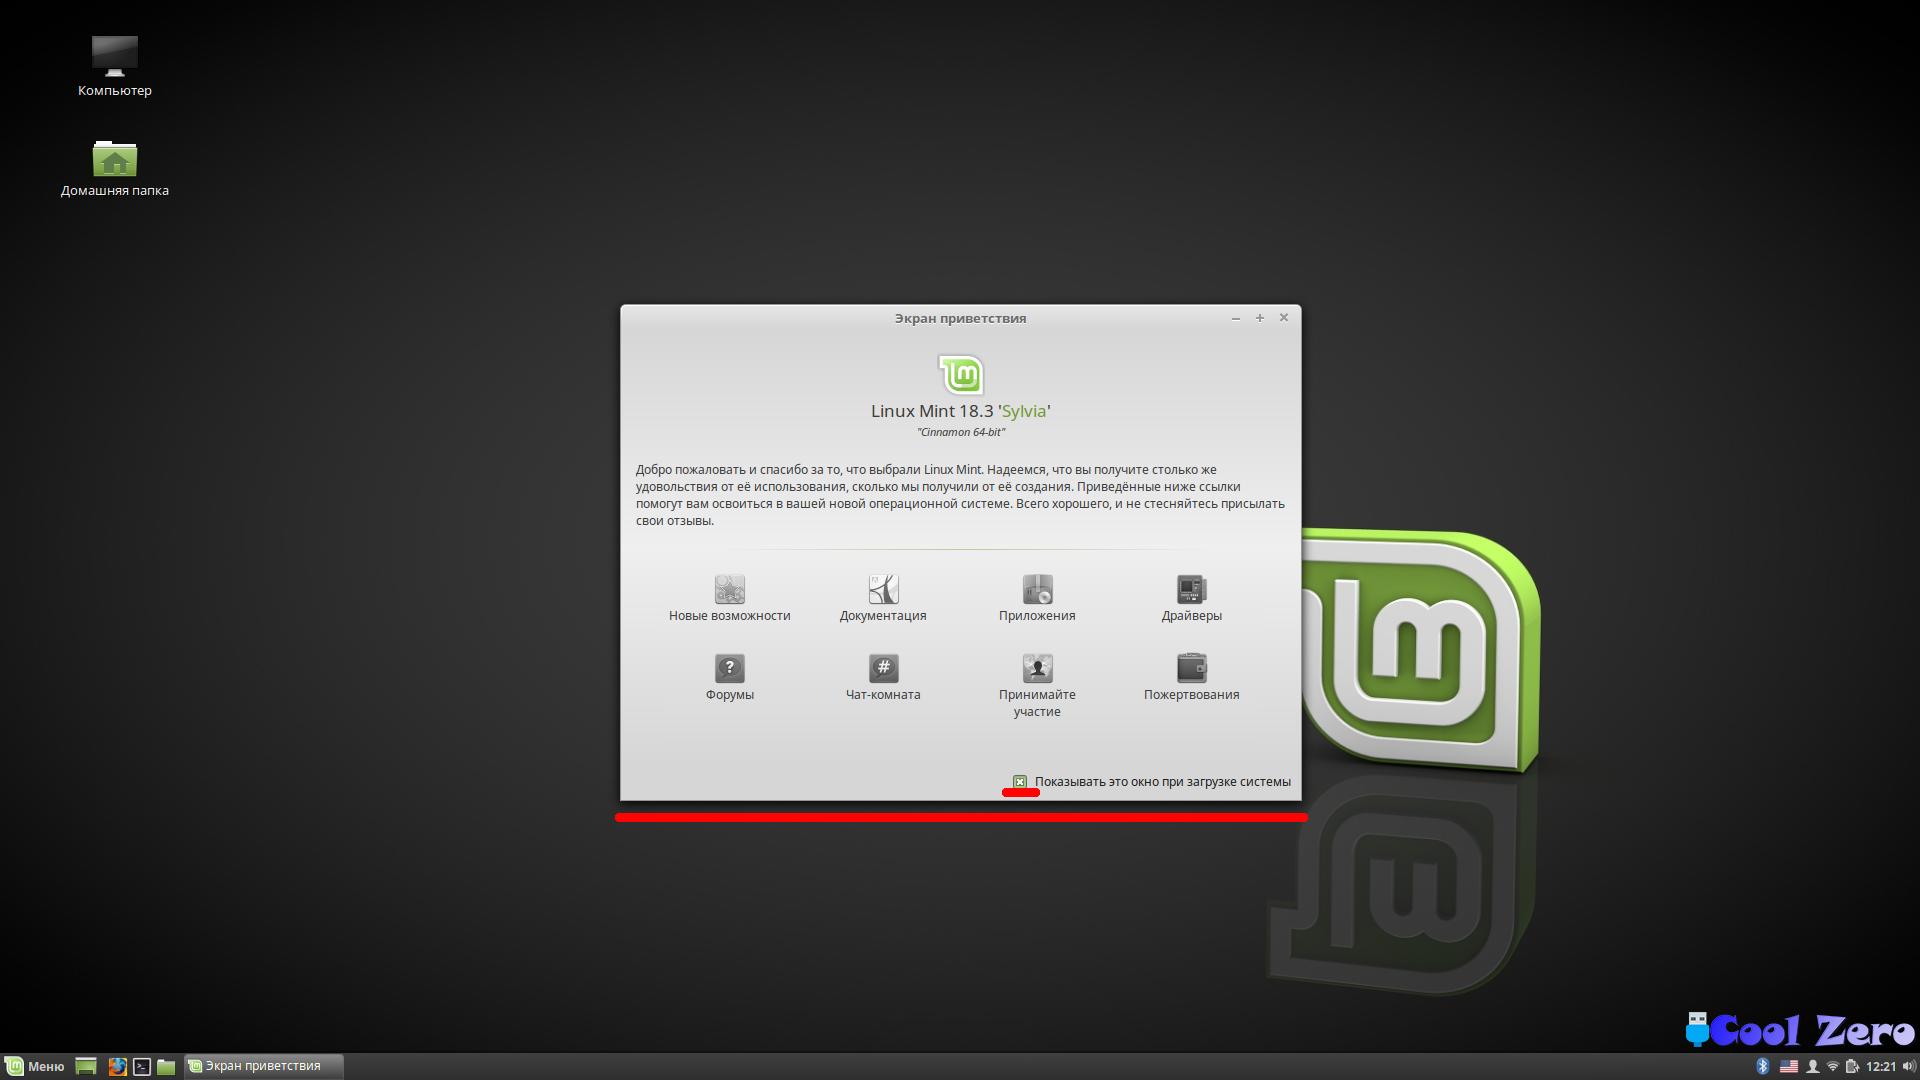 Рабочий стол Linux Mint 18.3 (с экраном приветствия)